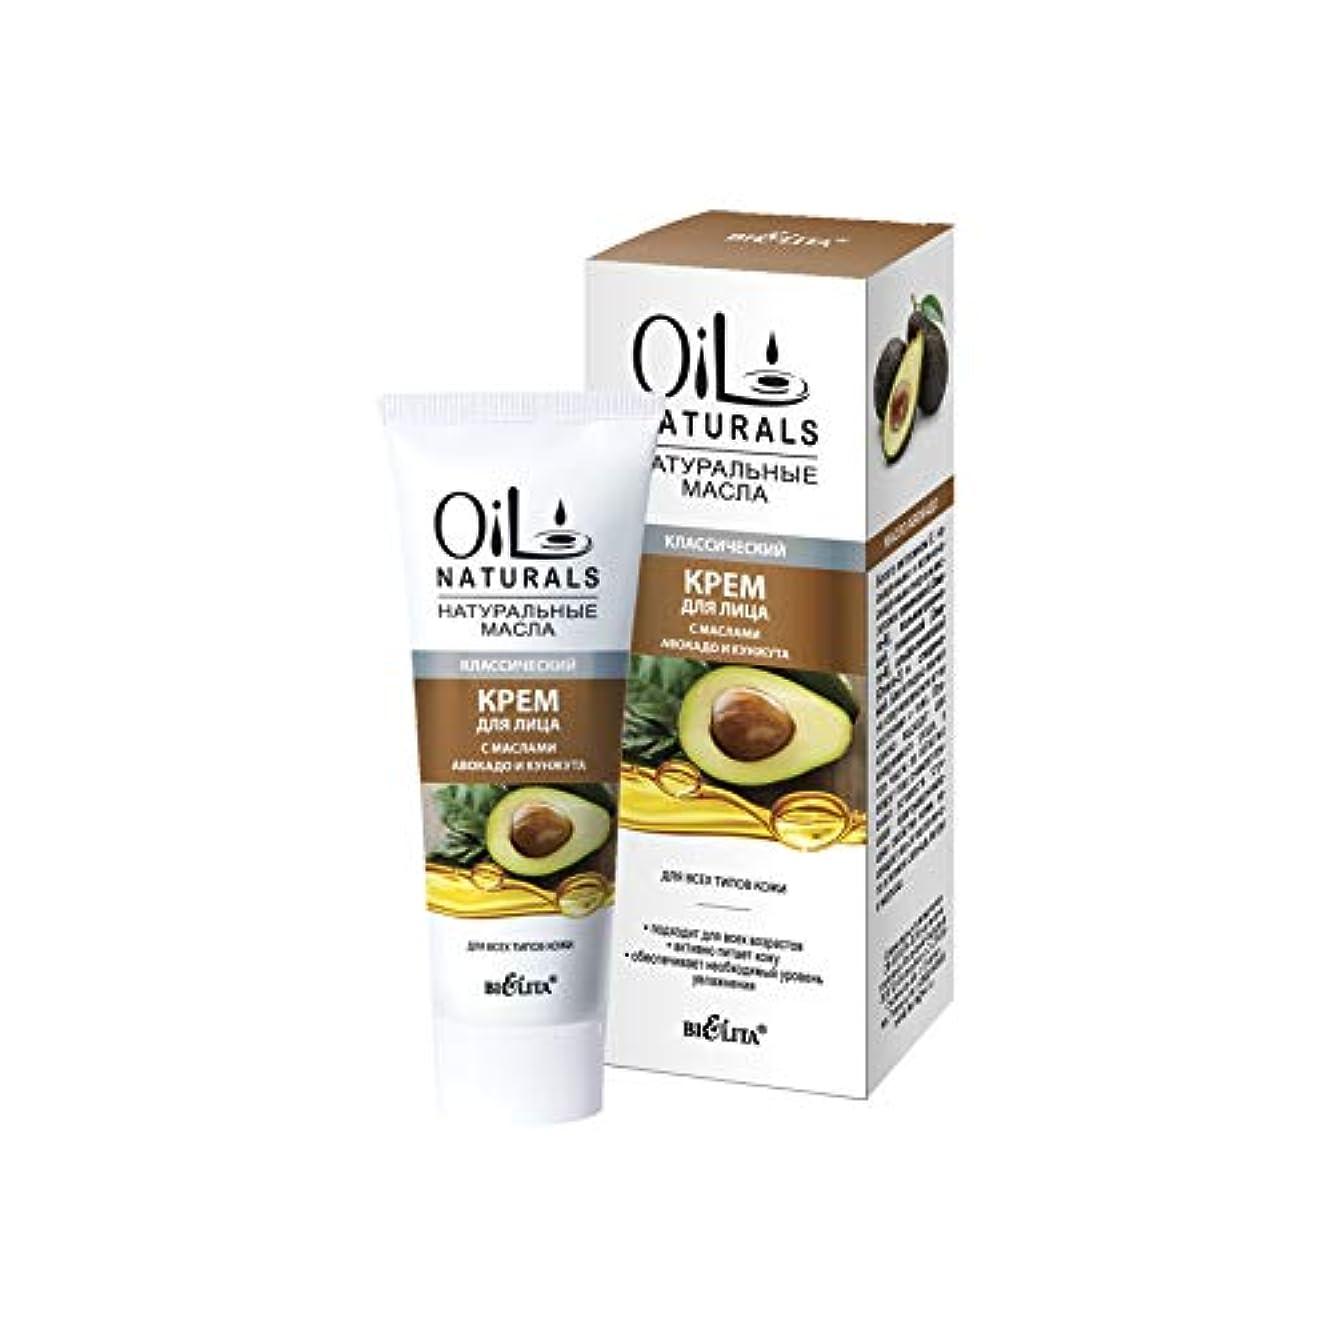 振り子石の氷Bielita & Vitex  Oil Naturals Line   Classic Moisturizing Face Cream, for All Skin Types, 50 ml   Avocado Oil,...